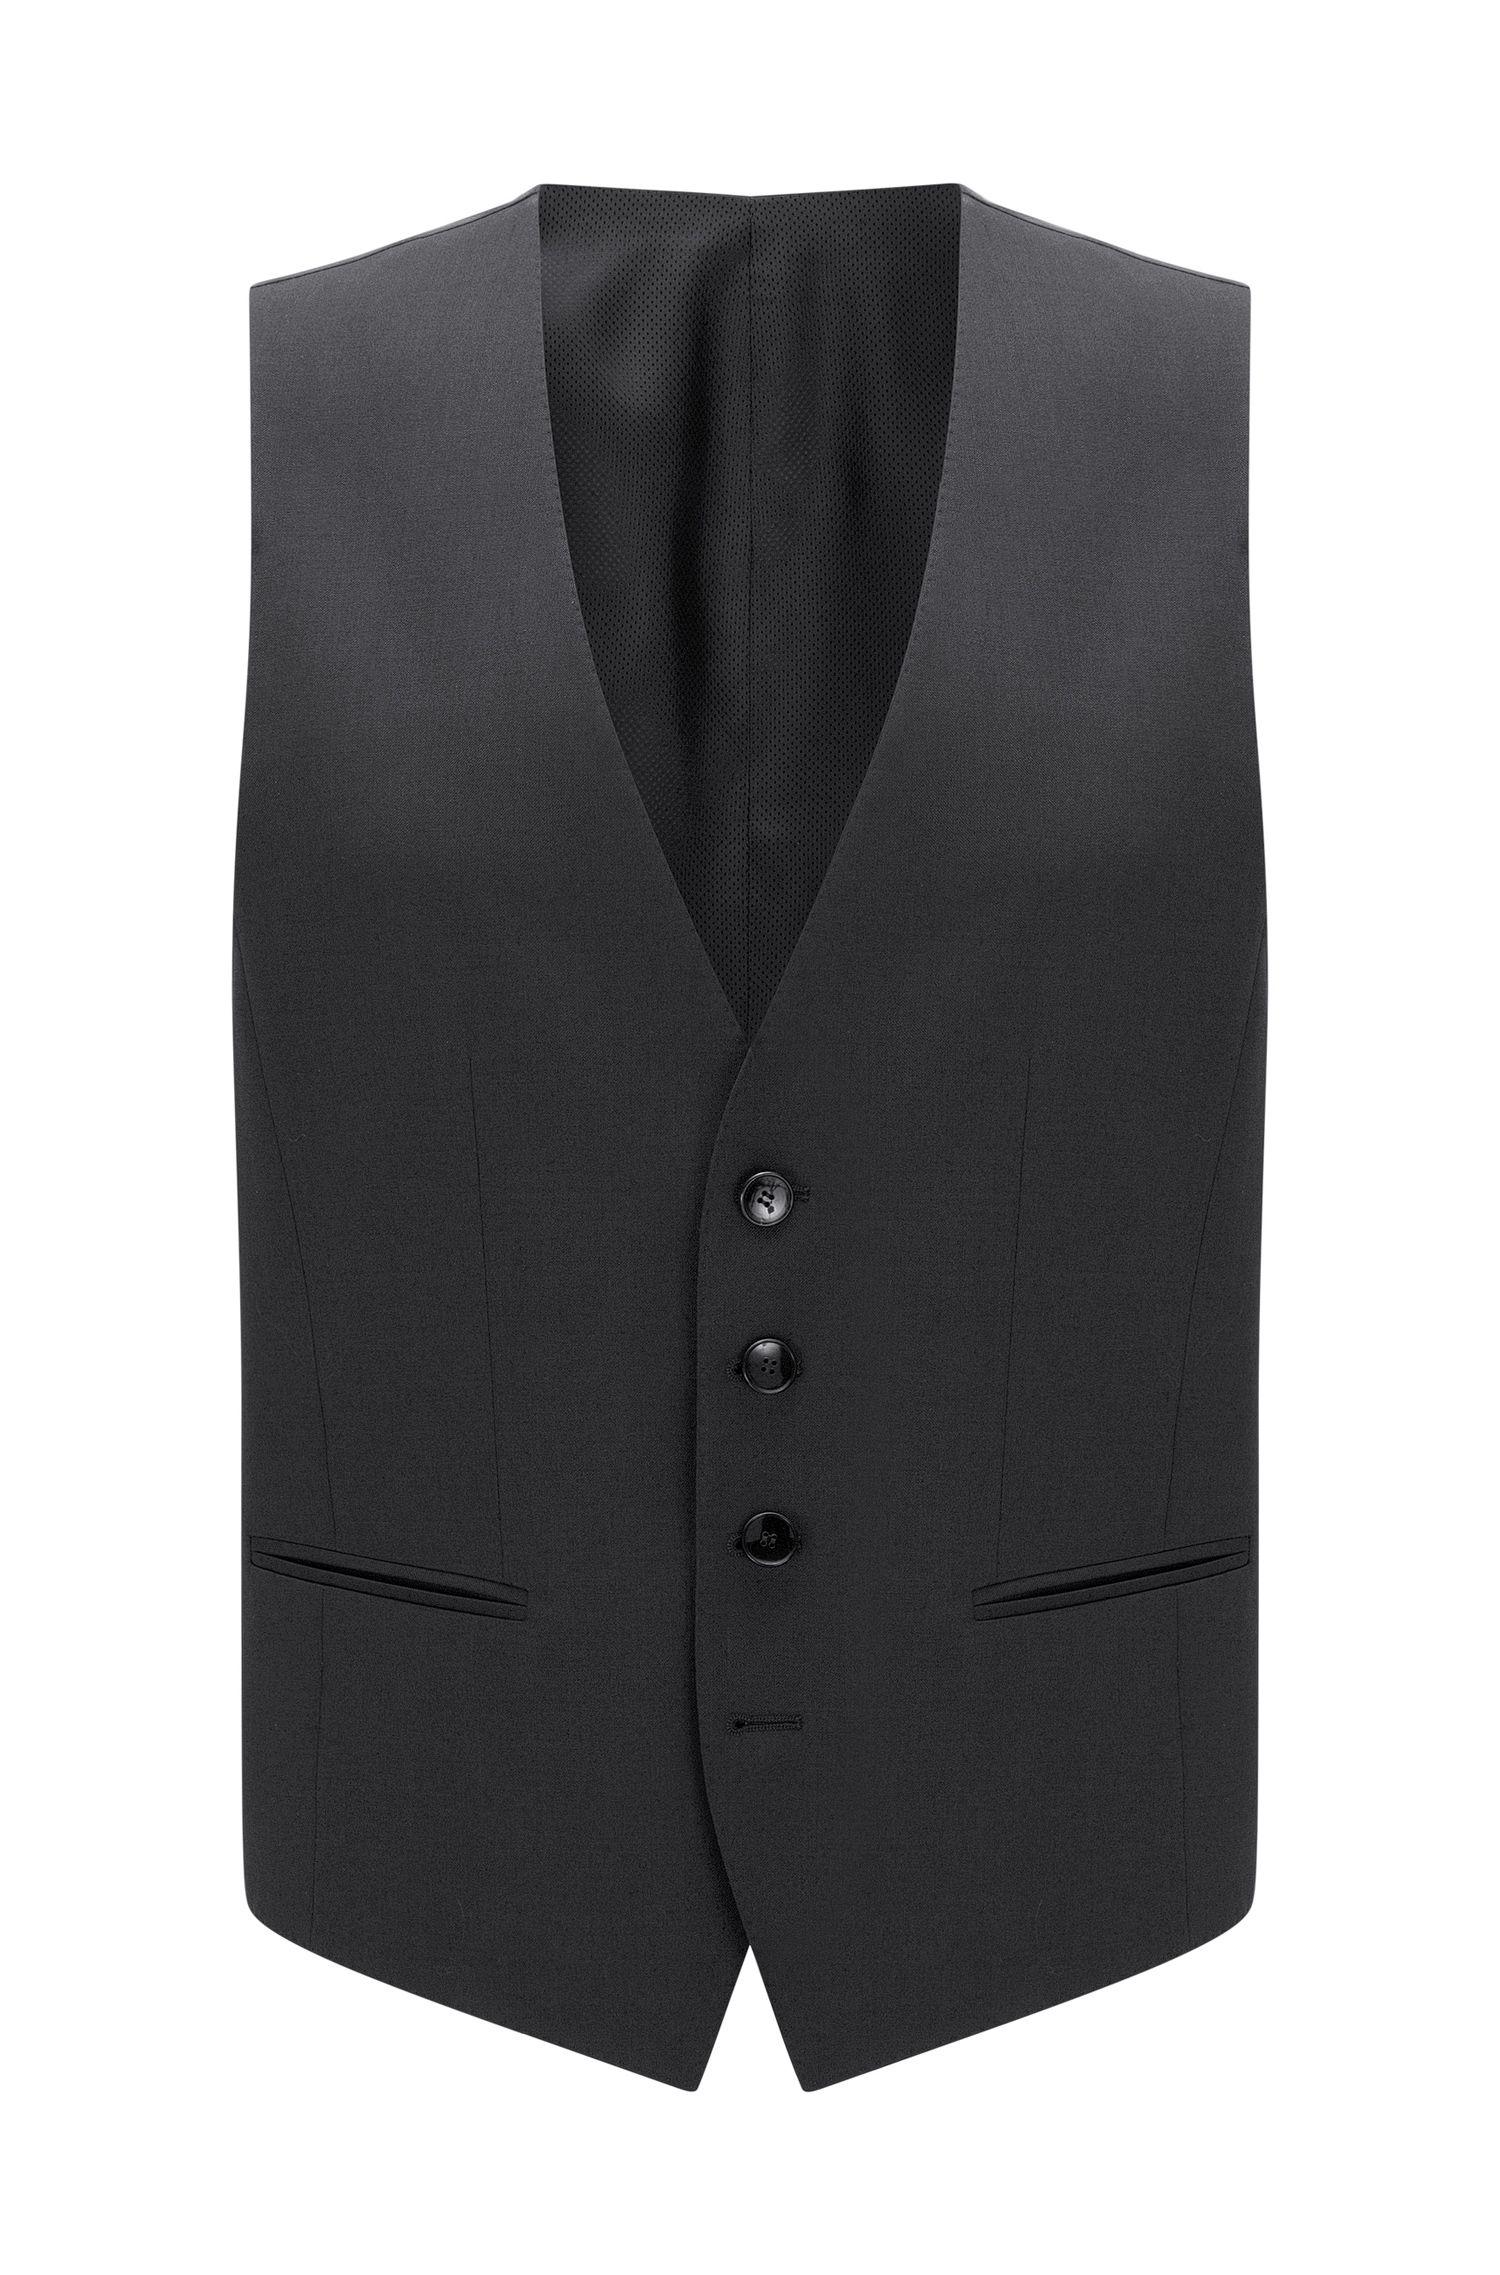 Virgin Wool Waistcoat, Slim Fit   Wilson CYL, Dark Grey